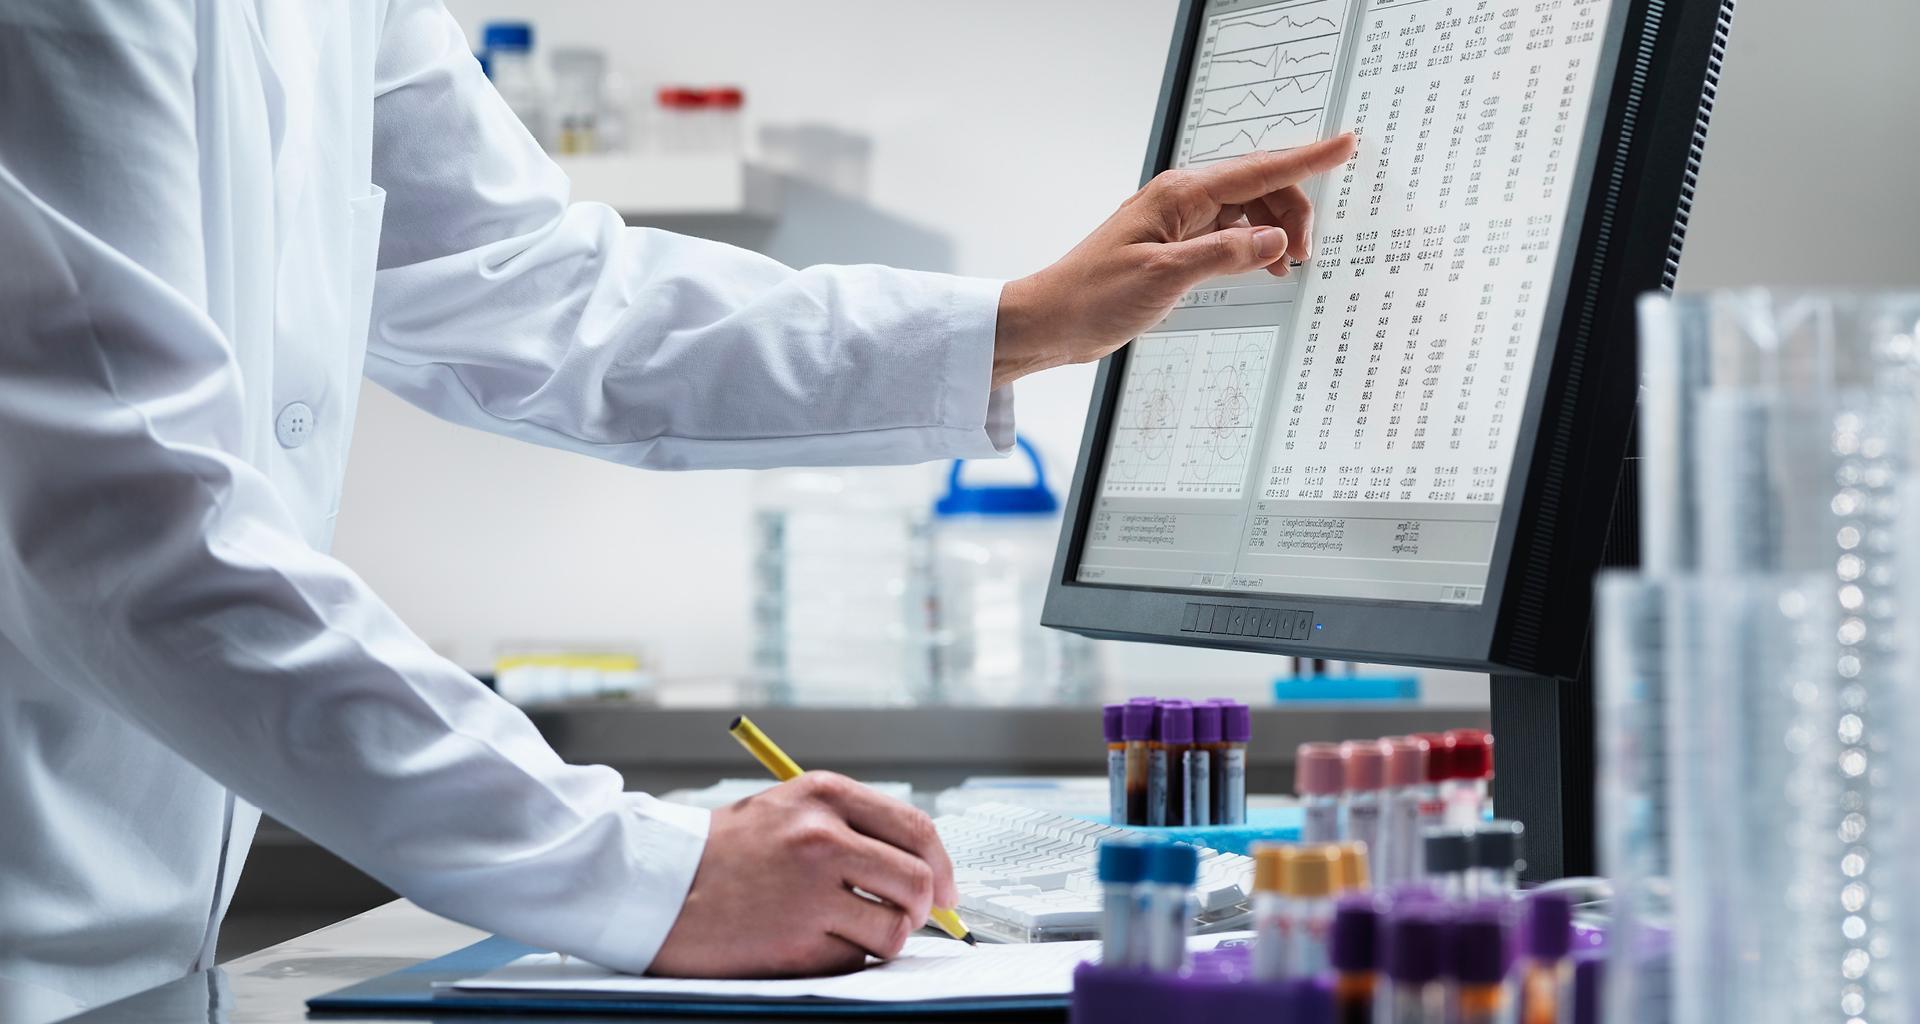 برنامج الدراسات العليا في علم الجينوم والطب الدقيق